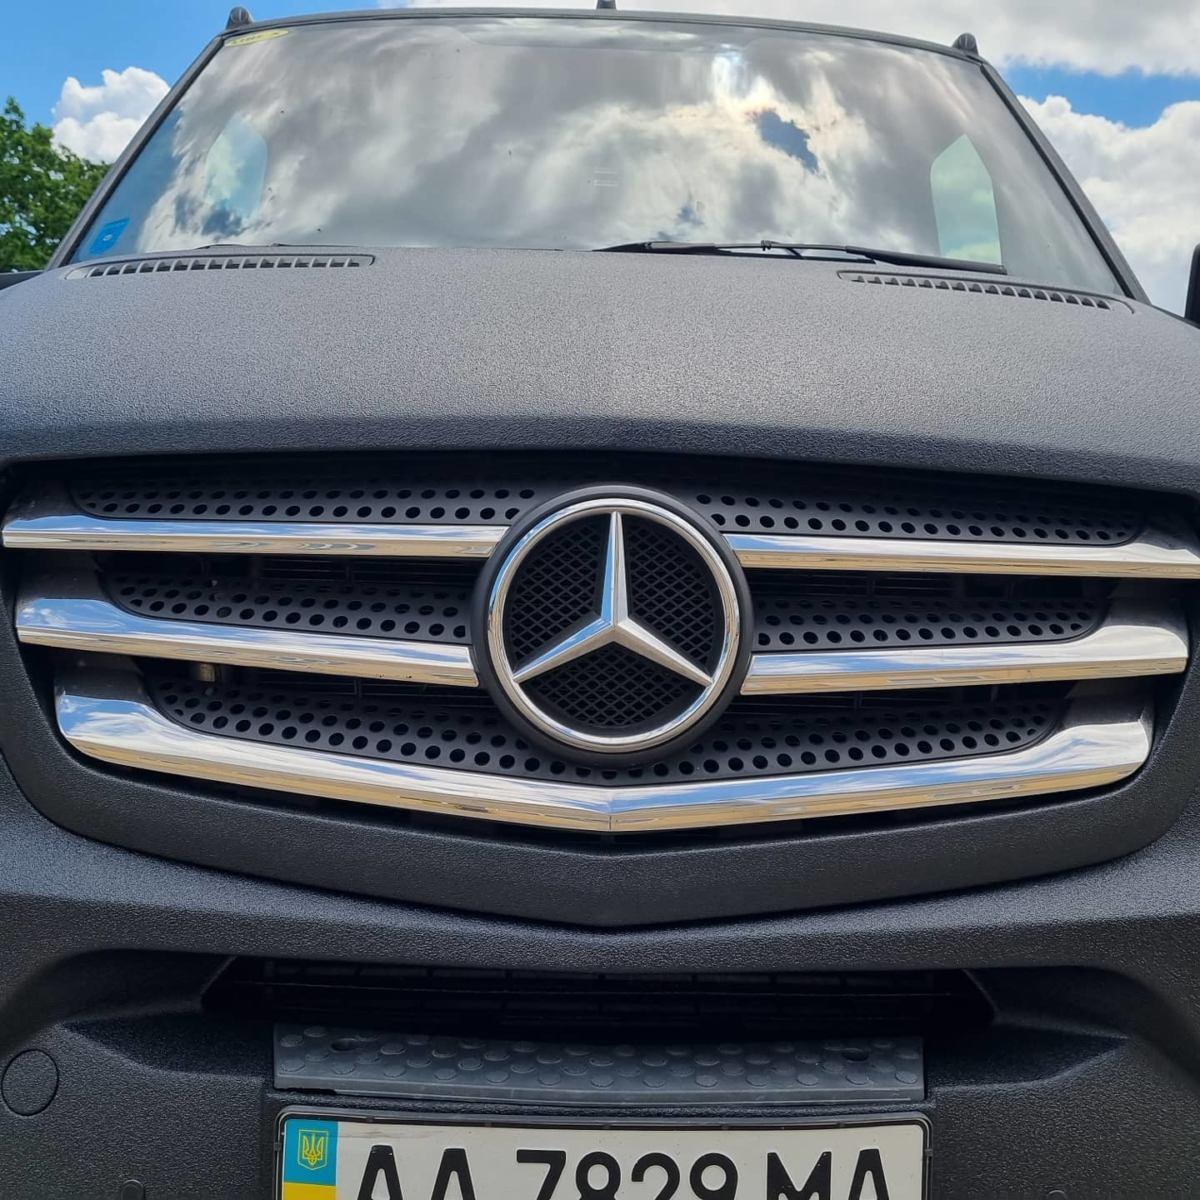 Защита кузова Mercedes Sprinter от механических повреждений и коррозии покрытием Line-X